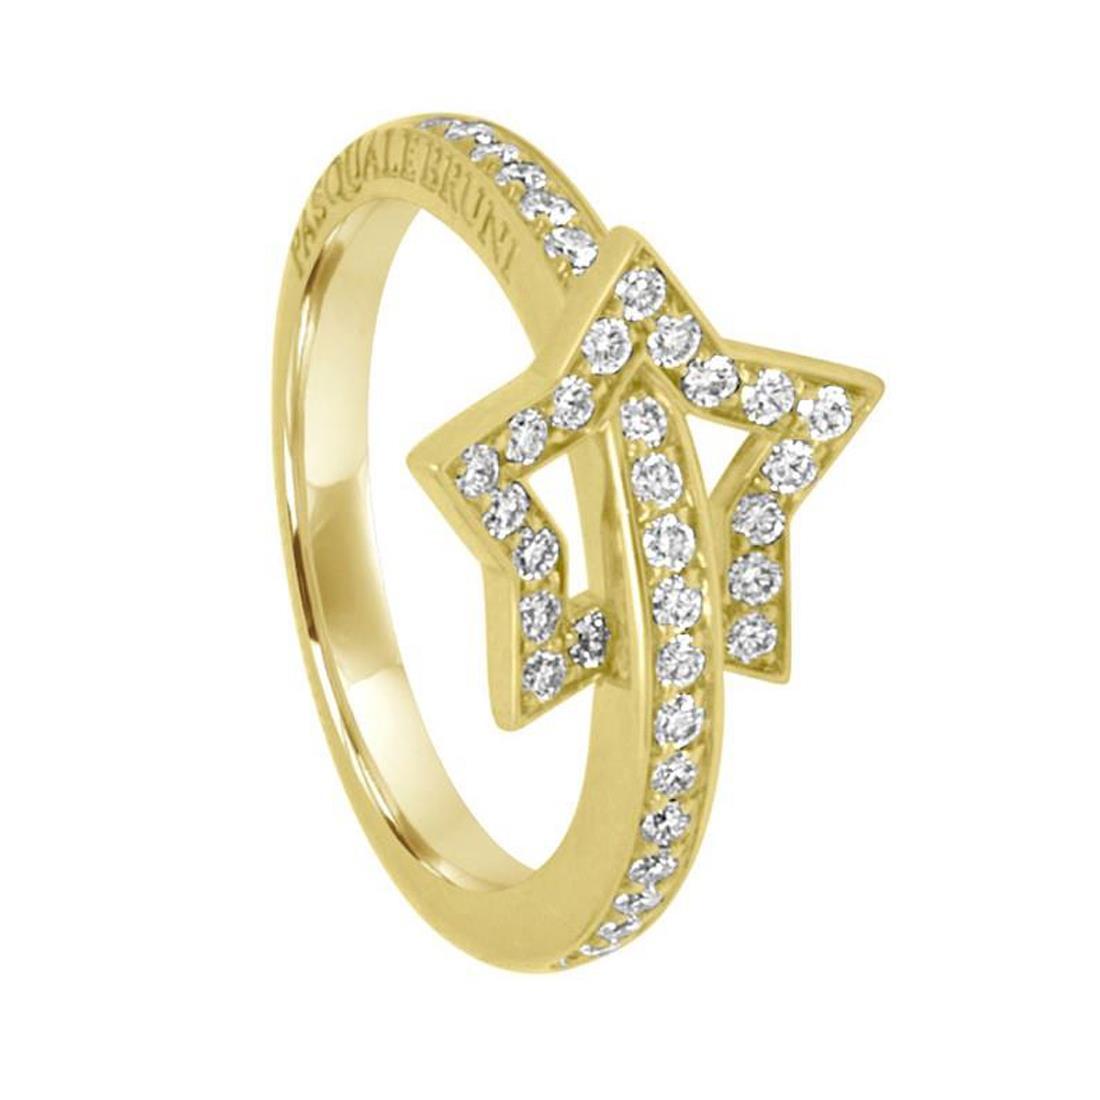 Anello in oro giallo e diamanti ct 0,45 - PASQUALE BRUNI